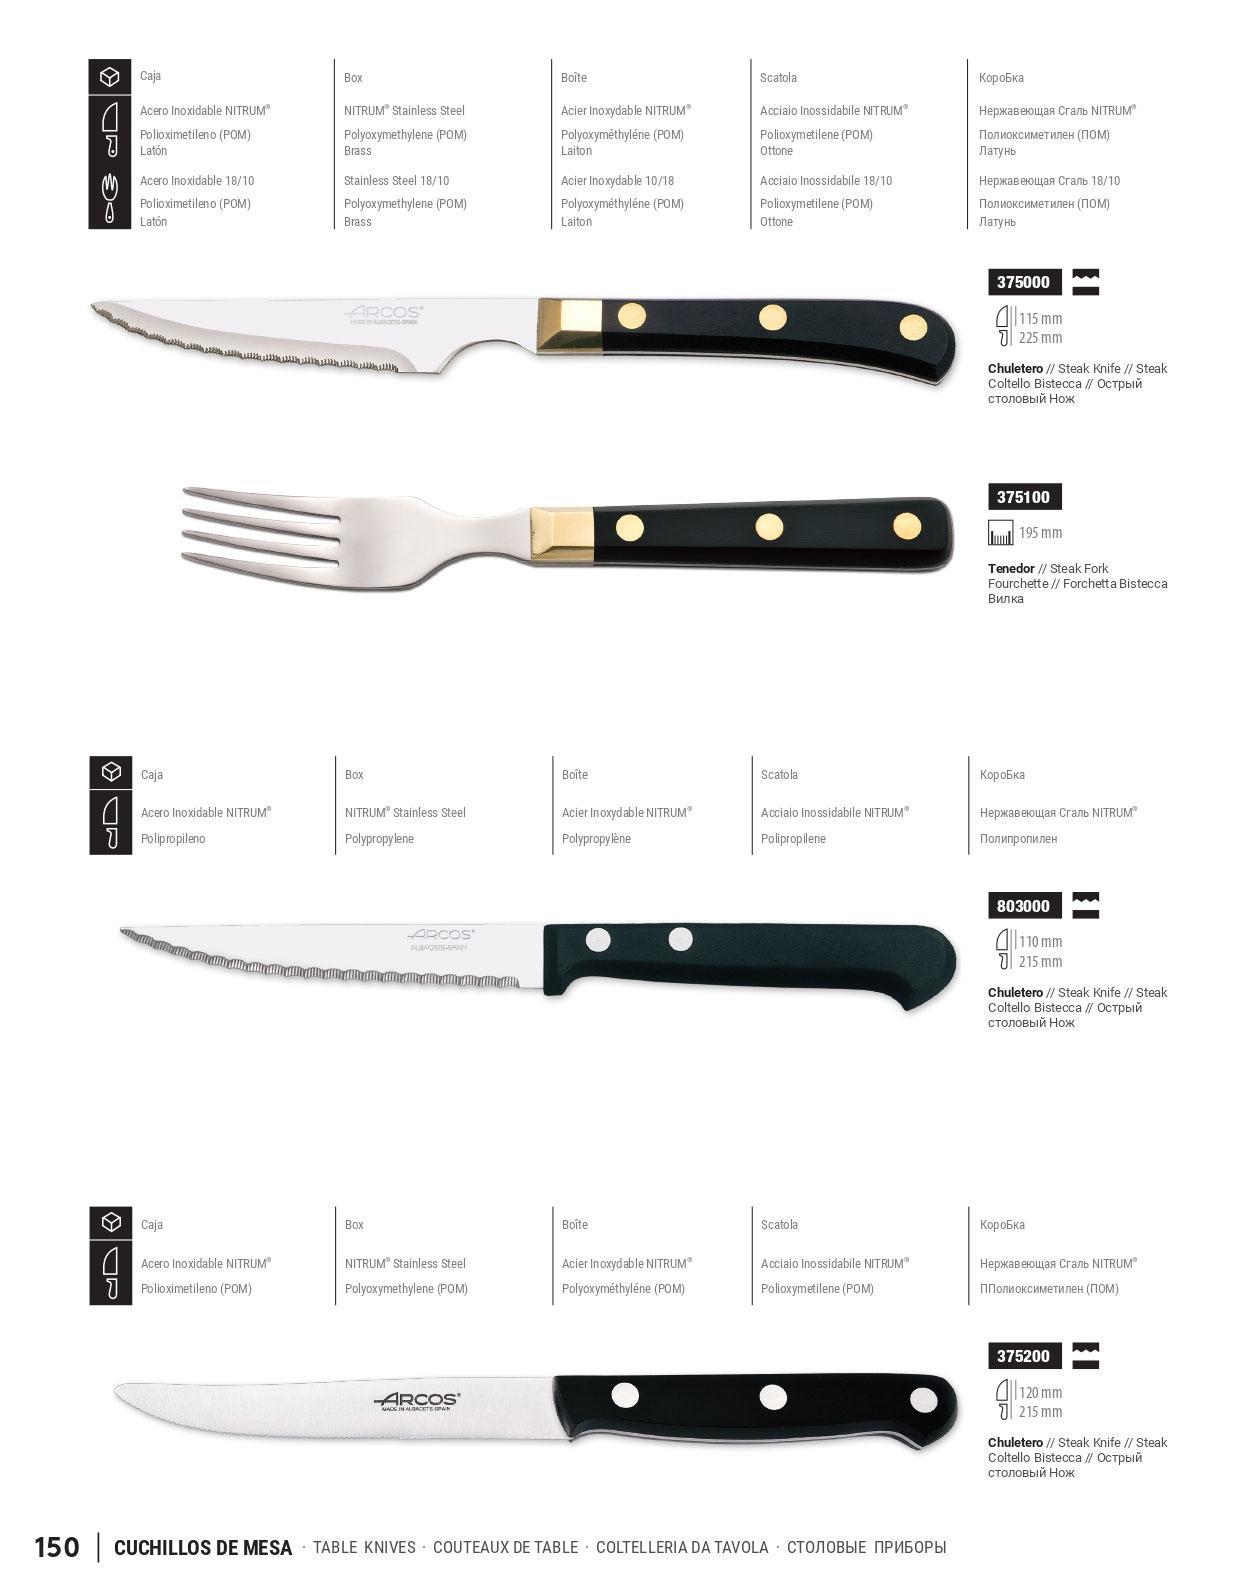 Menaje cocina cubiertos mesa cuchillos de mesa arcos - Cuchillos y menaje ...